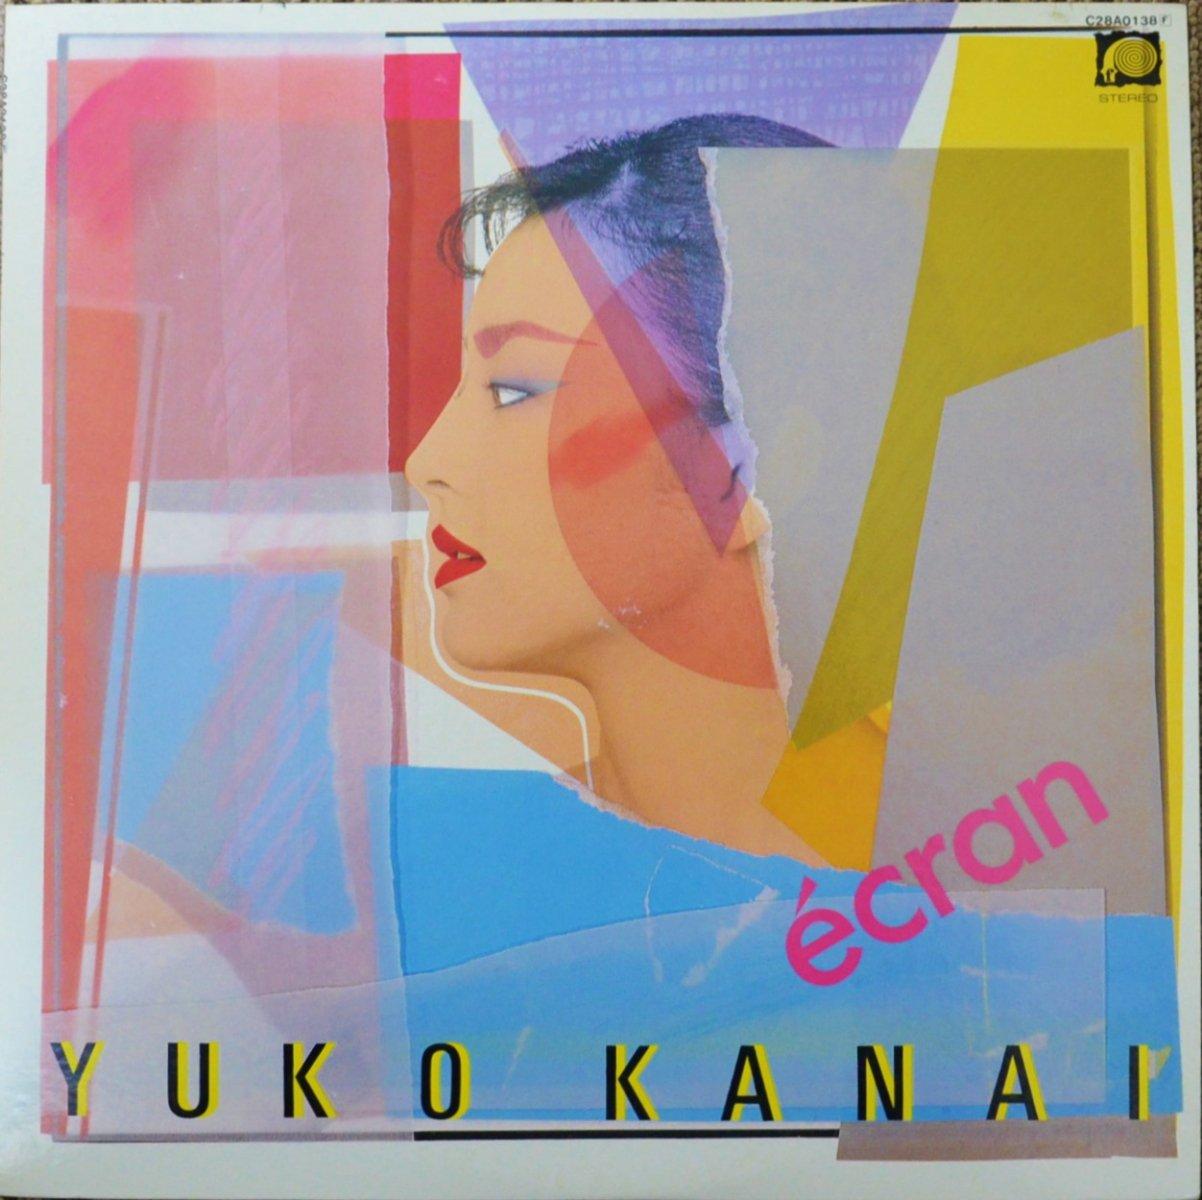 金井夕子 YUKO KANAI / ECRAN (LP)